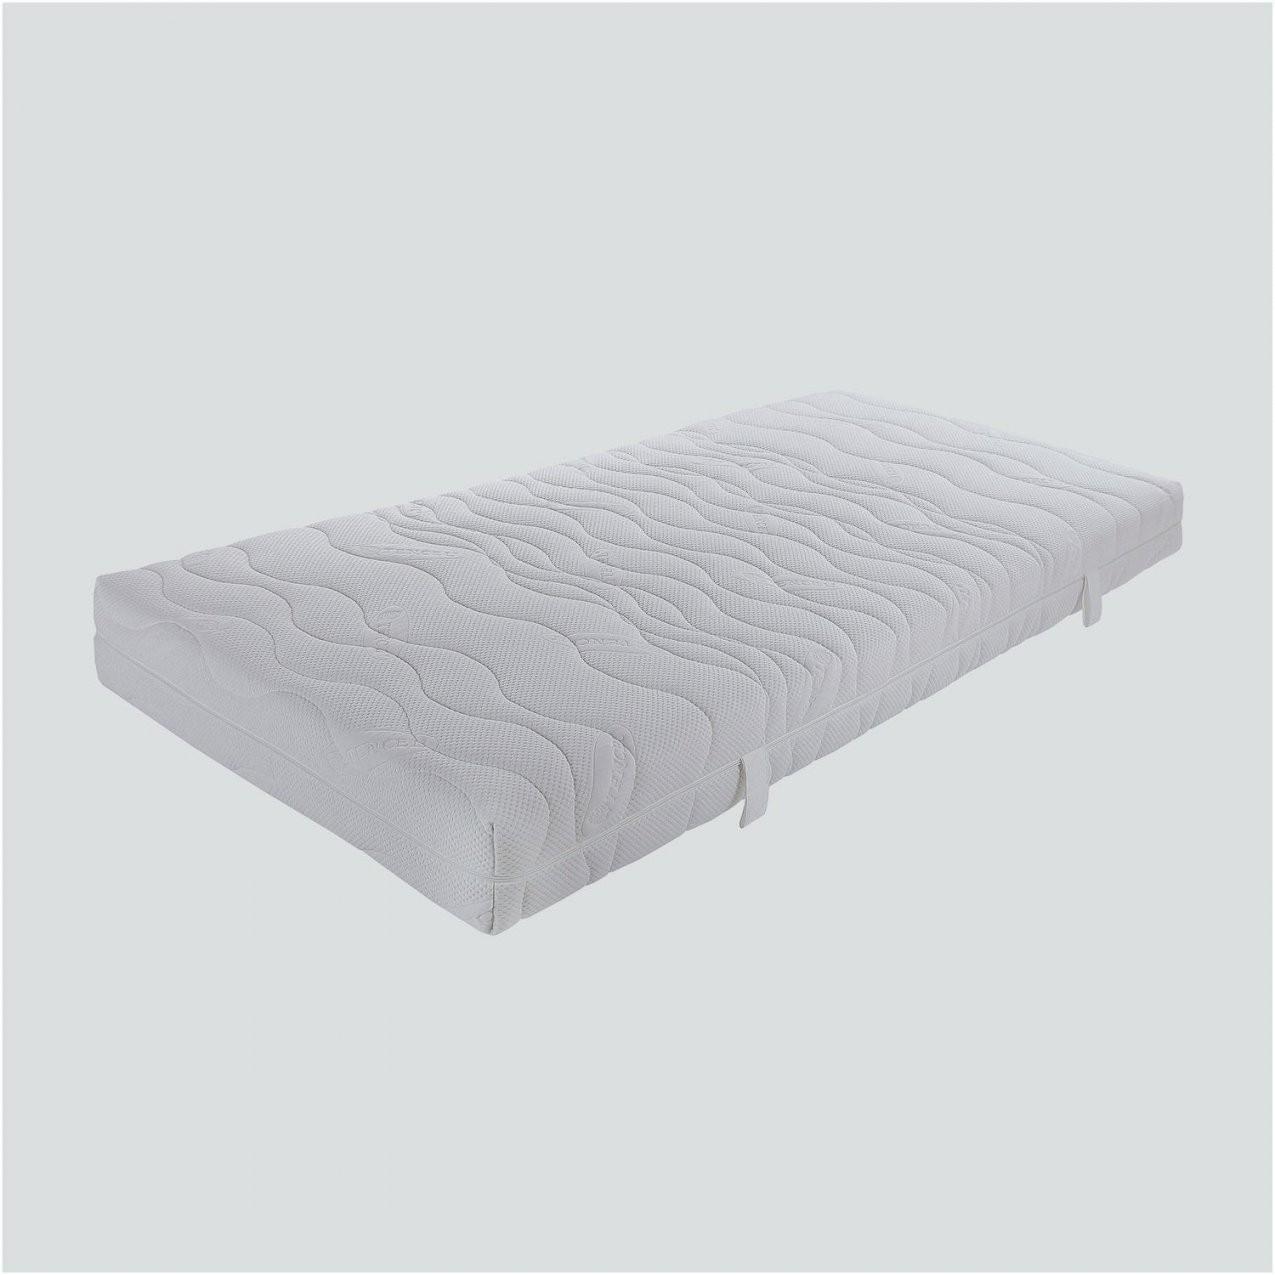 sch n matratze 80x200 ikea beste test matratzen d nisches von matratze 120x200 test photo haus. Black Bedroom Furniture Sets. Home Design Ideas